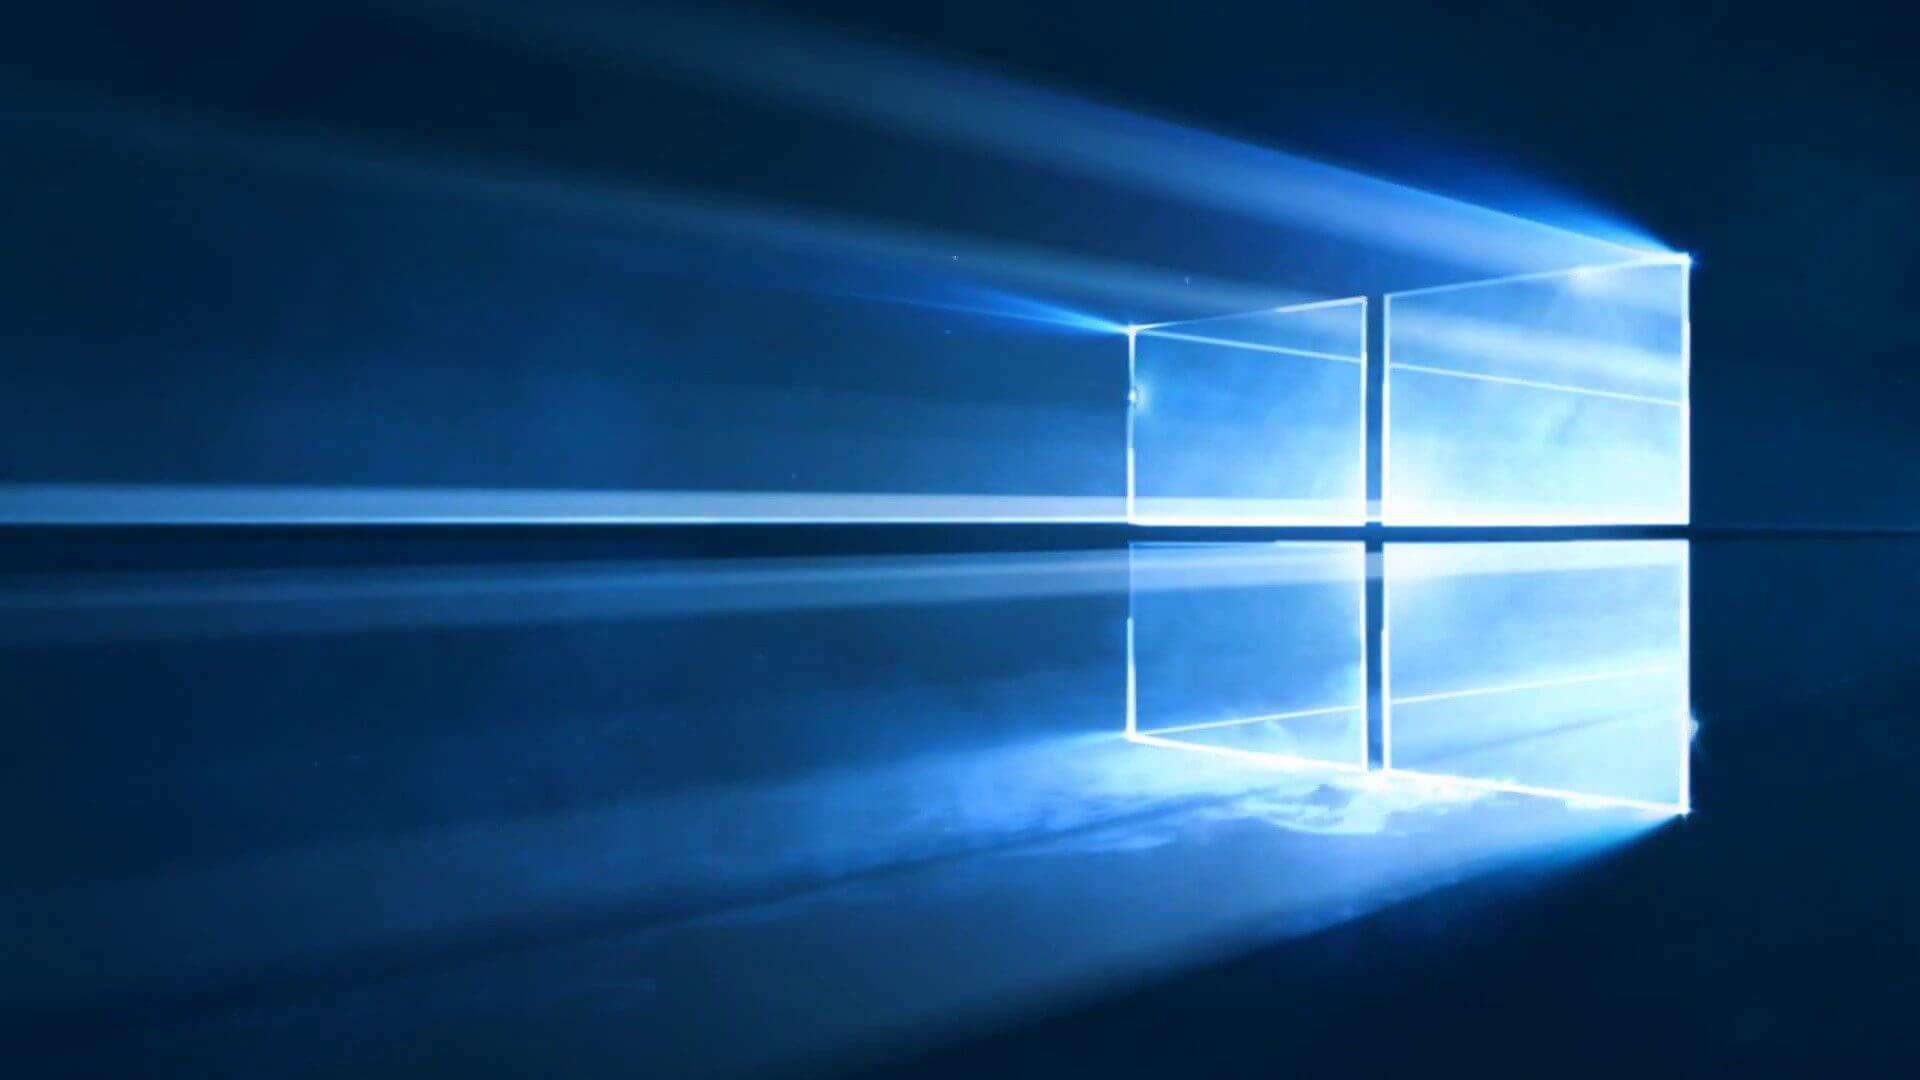 microsoft reveals the official windows 10 wallpaper 485311 4 - Windows 10 Insider é atualizado com novidades anunciadas na Build 2016